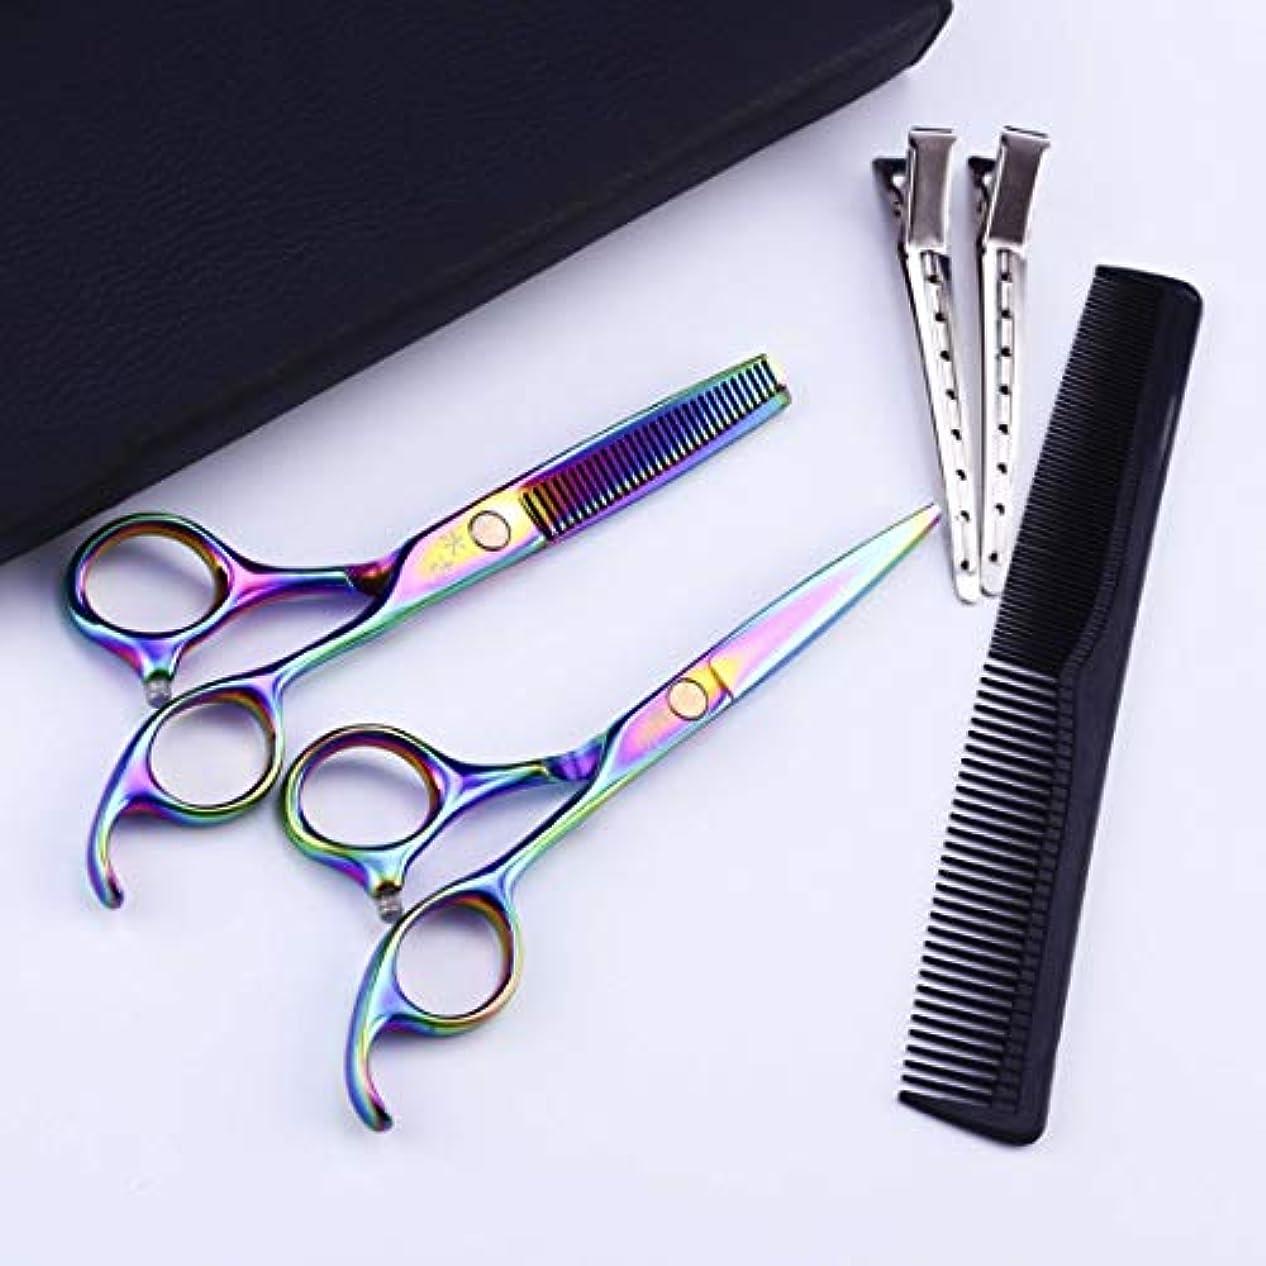 うがい吹雪嫌いJiaoran カラフルな理髪はさみ、5.5インチプロはさみセットフラットはさみ+歯はさみセット (Color : Colorful)